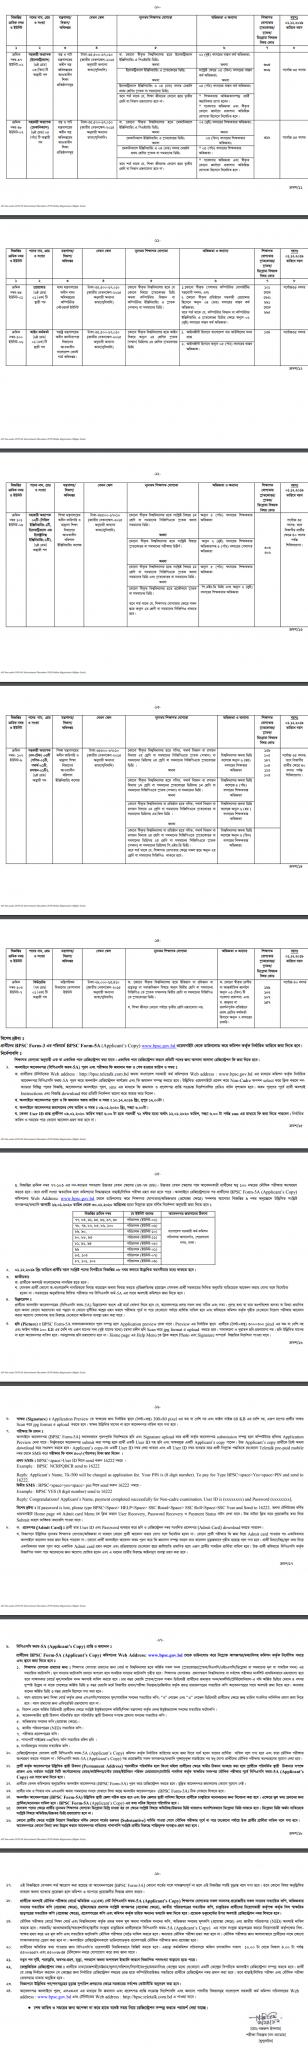 BPSC Non Cadre Job Circular 2020